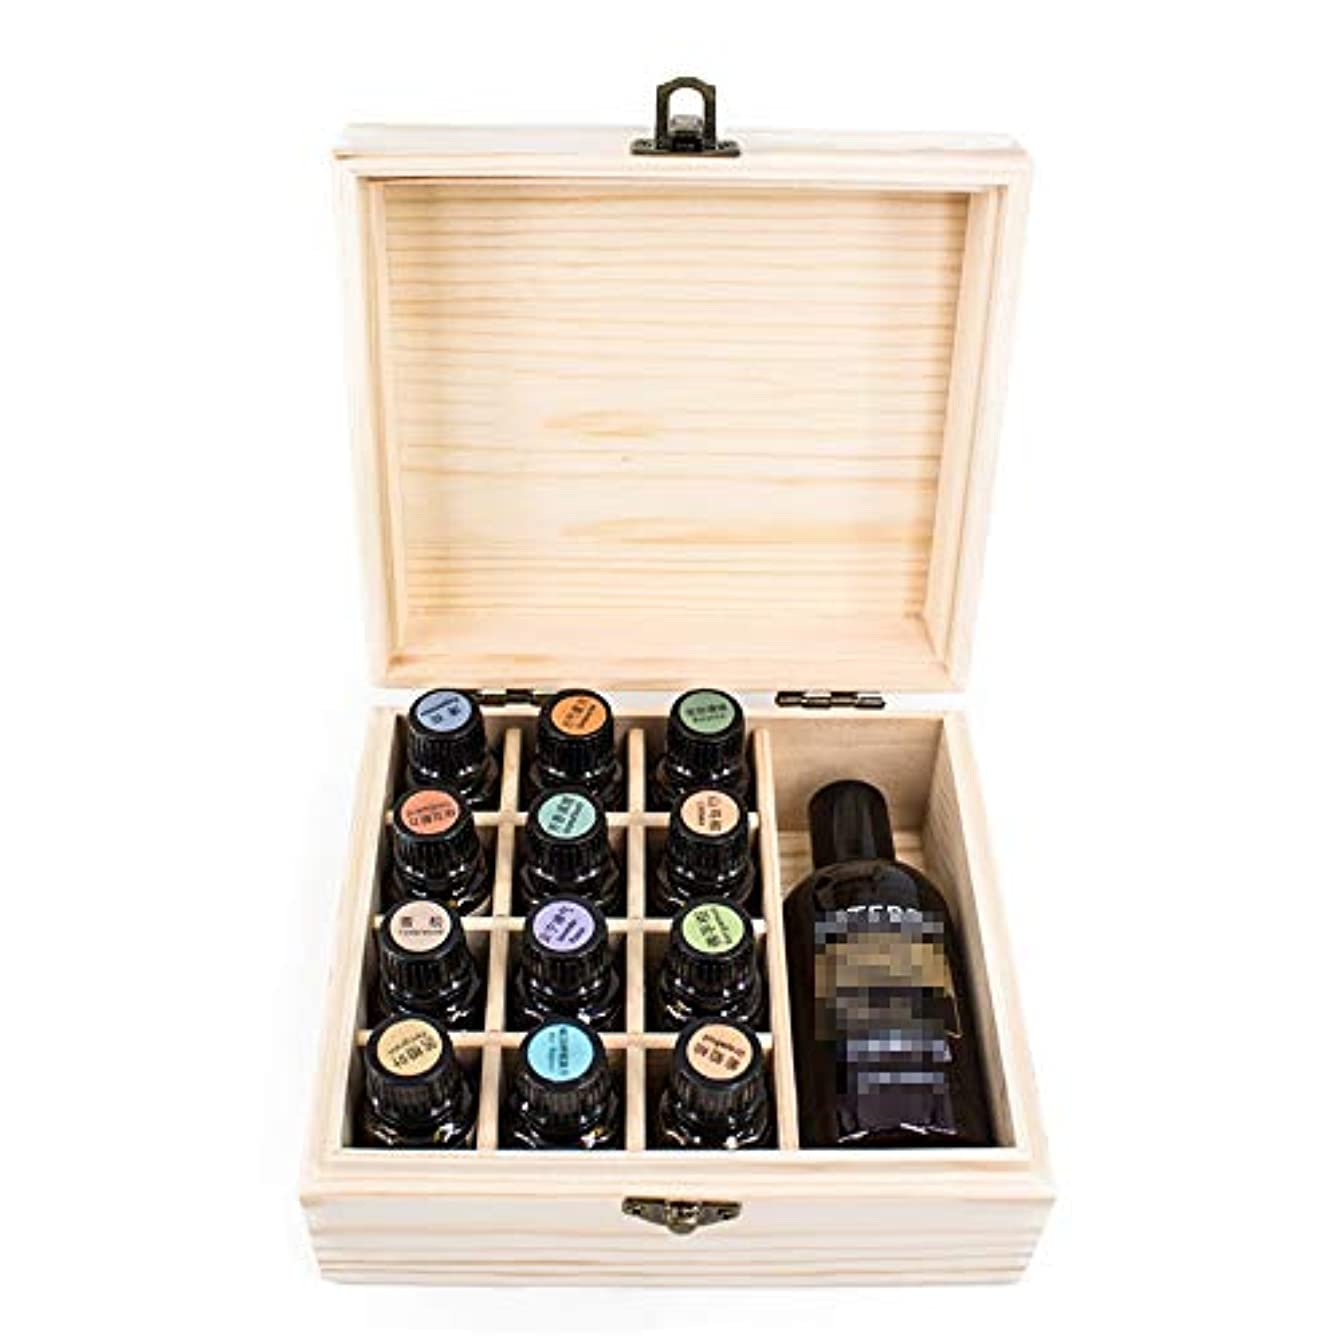 不純リストシャンパン精油ケース ストレージディスプレイ用の13スロット木エッセンシャルオイル箱ケースオーガナイザーホルダー 携帯便利 (色 : Natural, サイズ : 15X17X8CM)